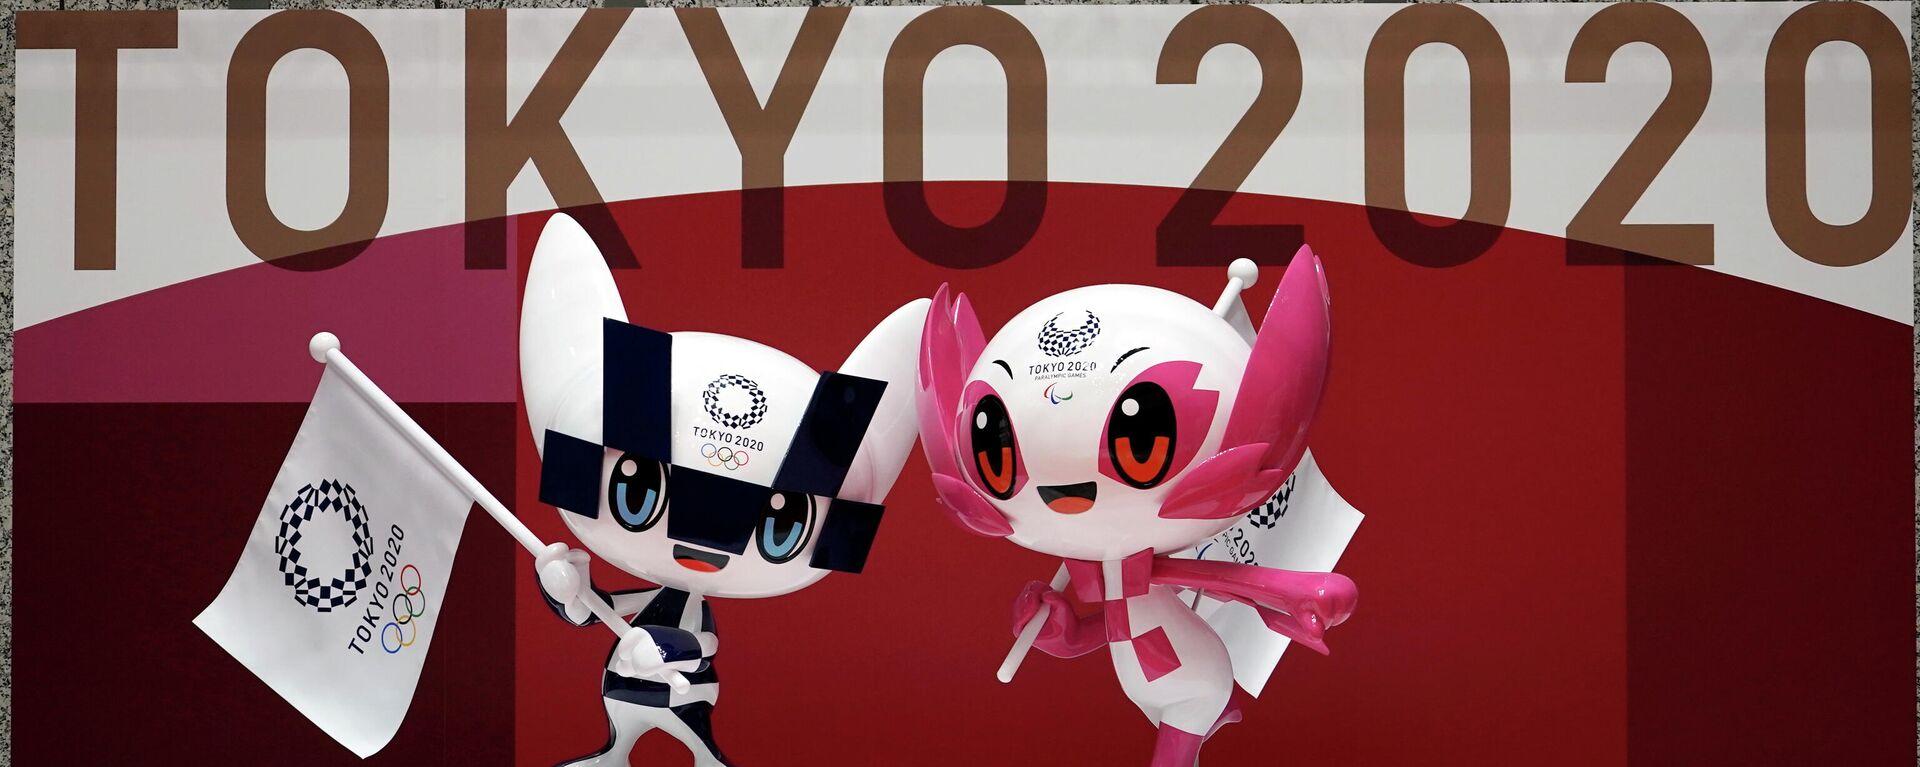 Maskottchen der Olympischen Sommerspielen in Tokio 2020 - SNA, 1920, 14.04.2021